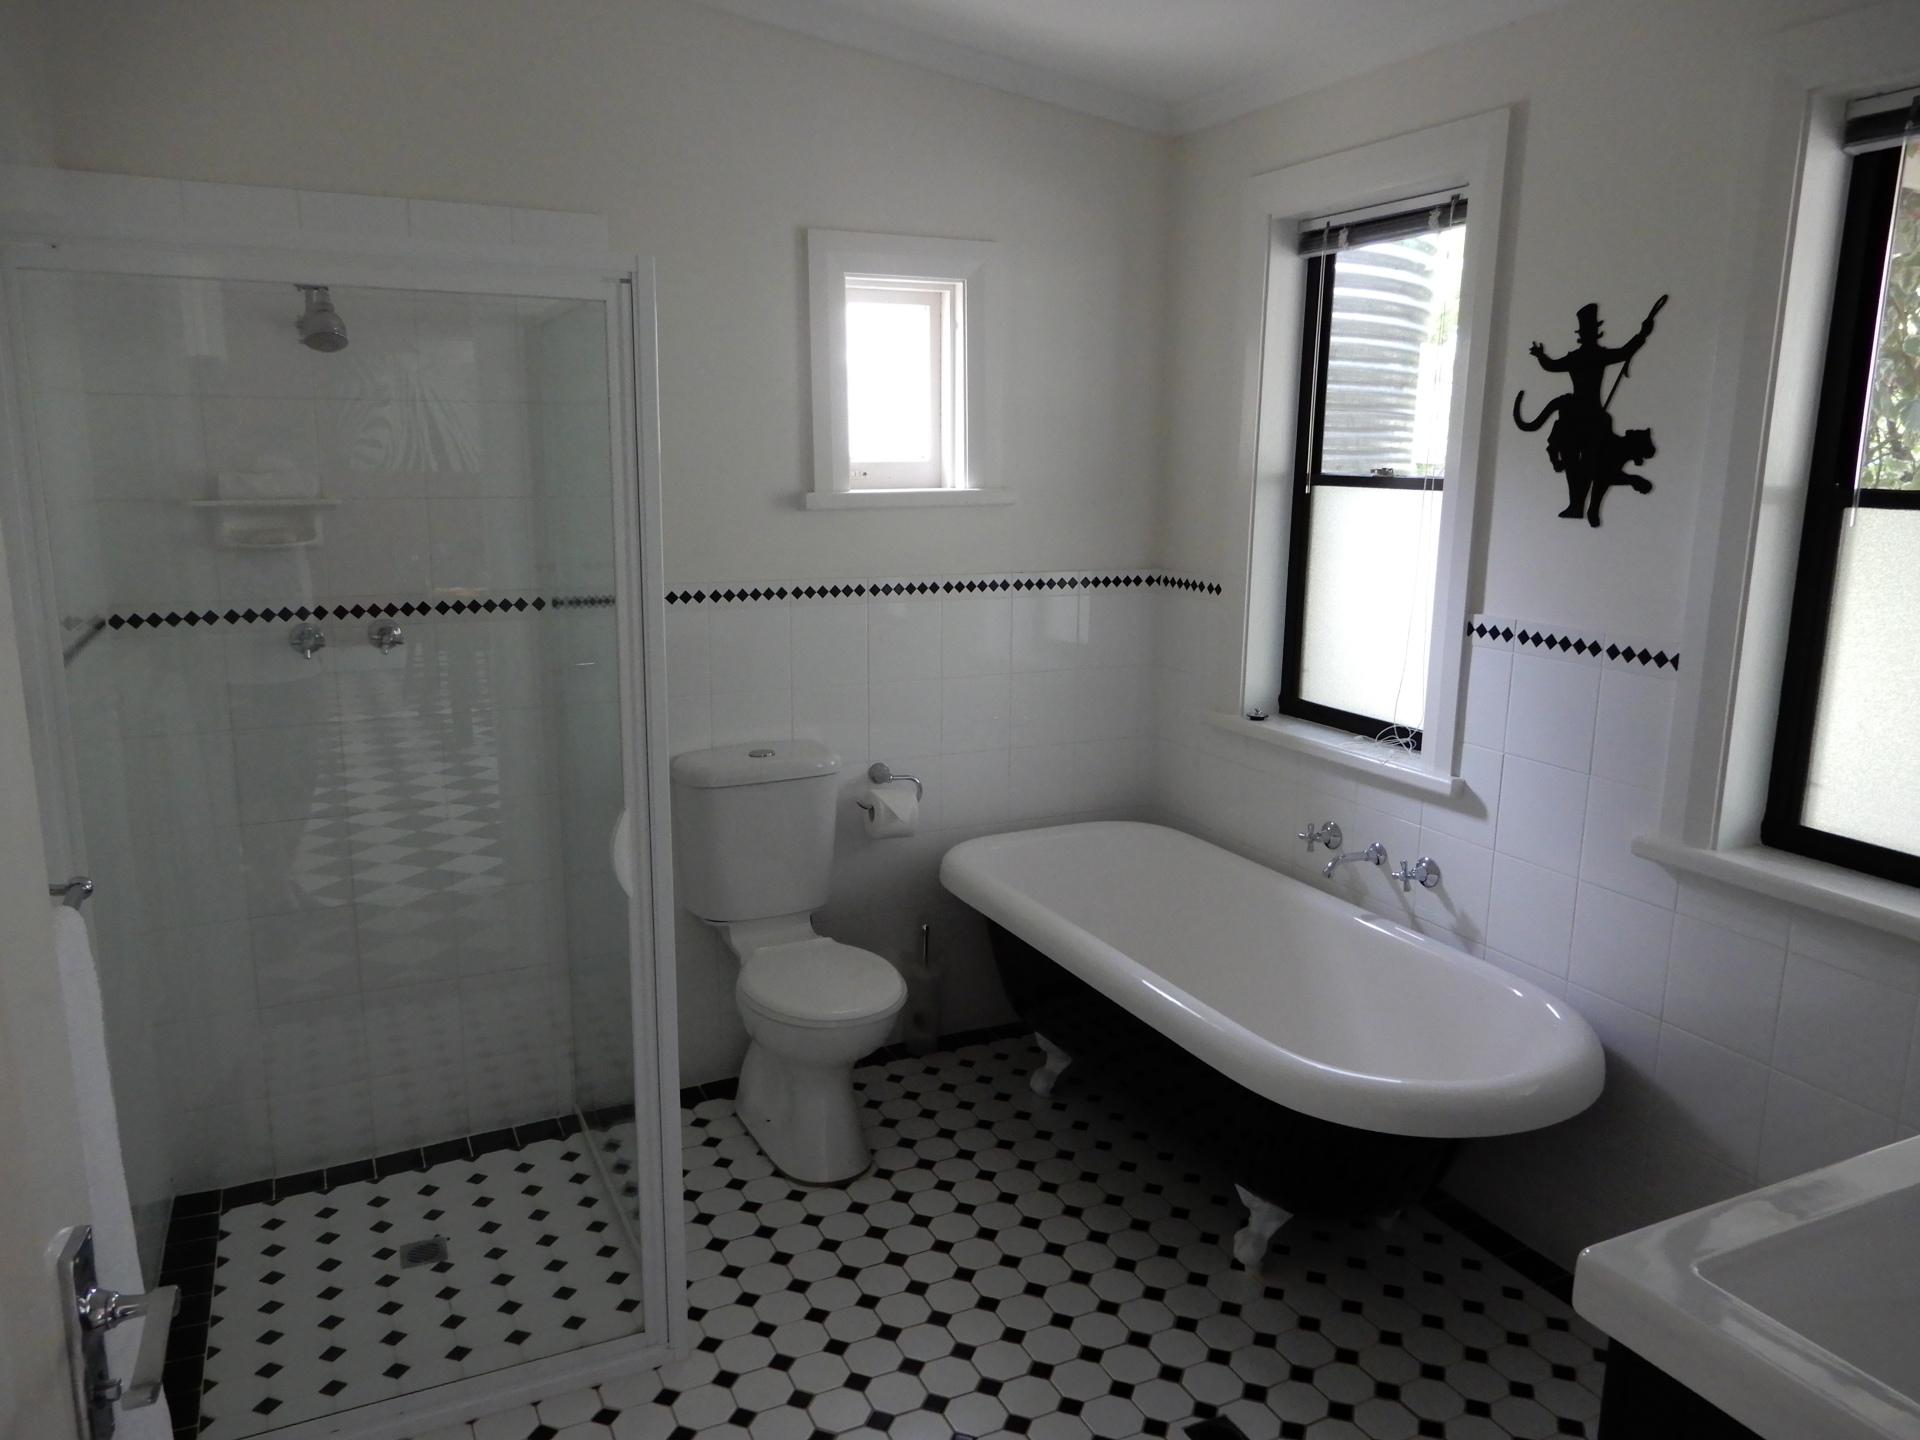 Bathroom with Claw bath